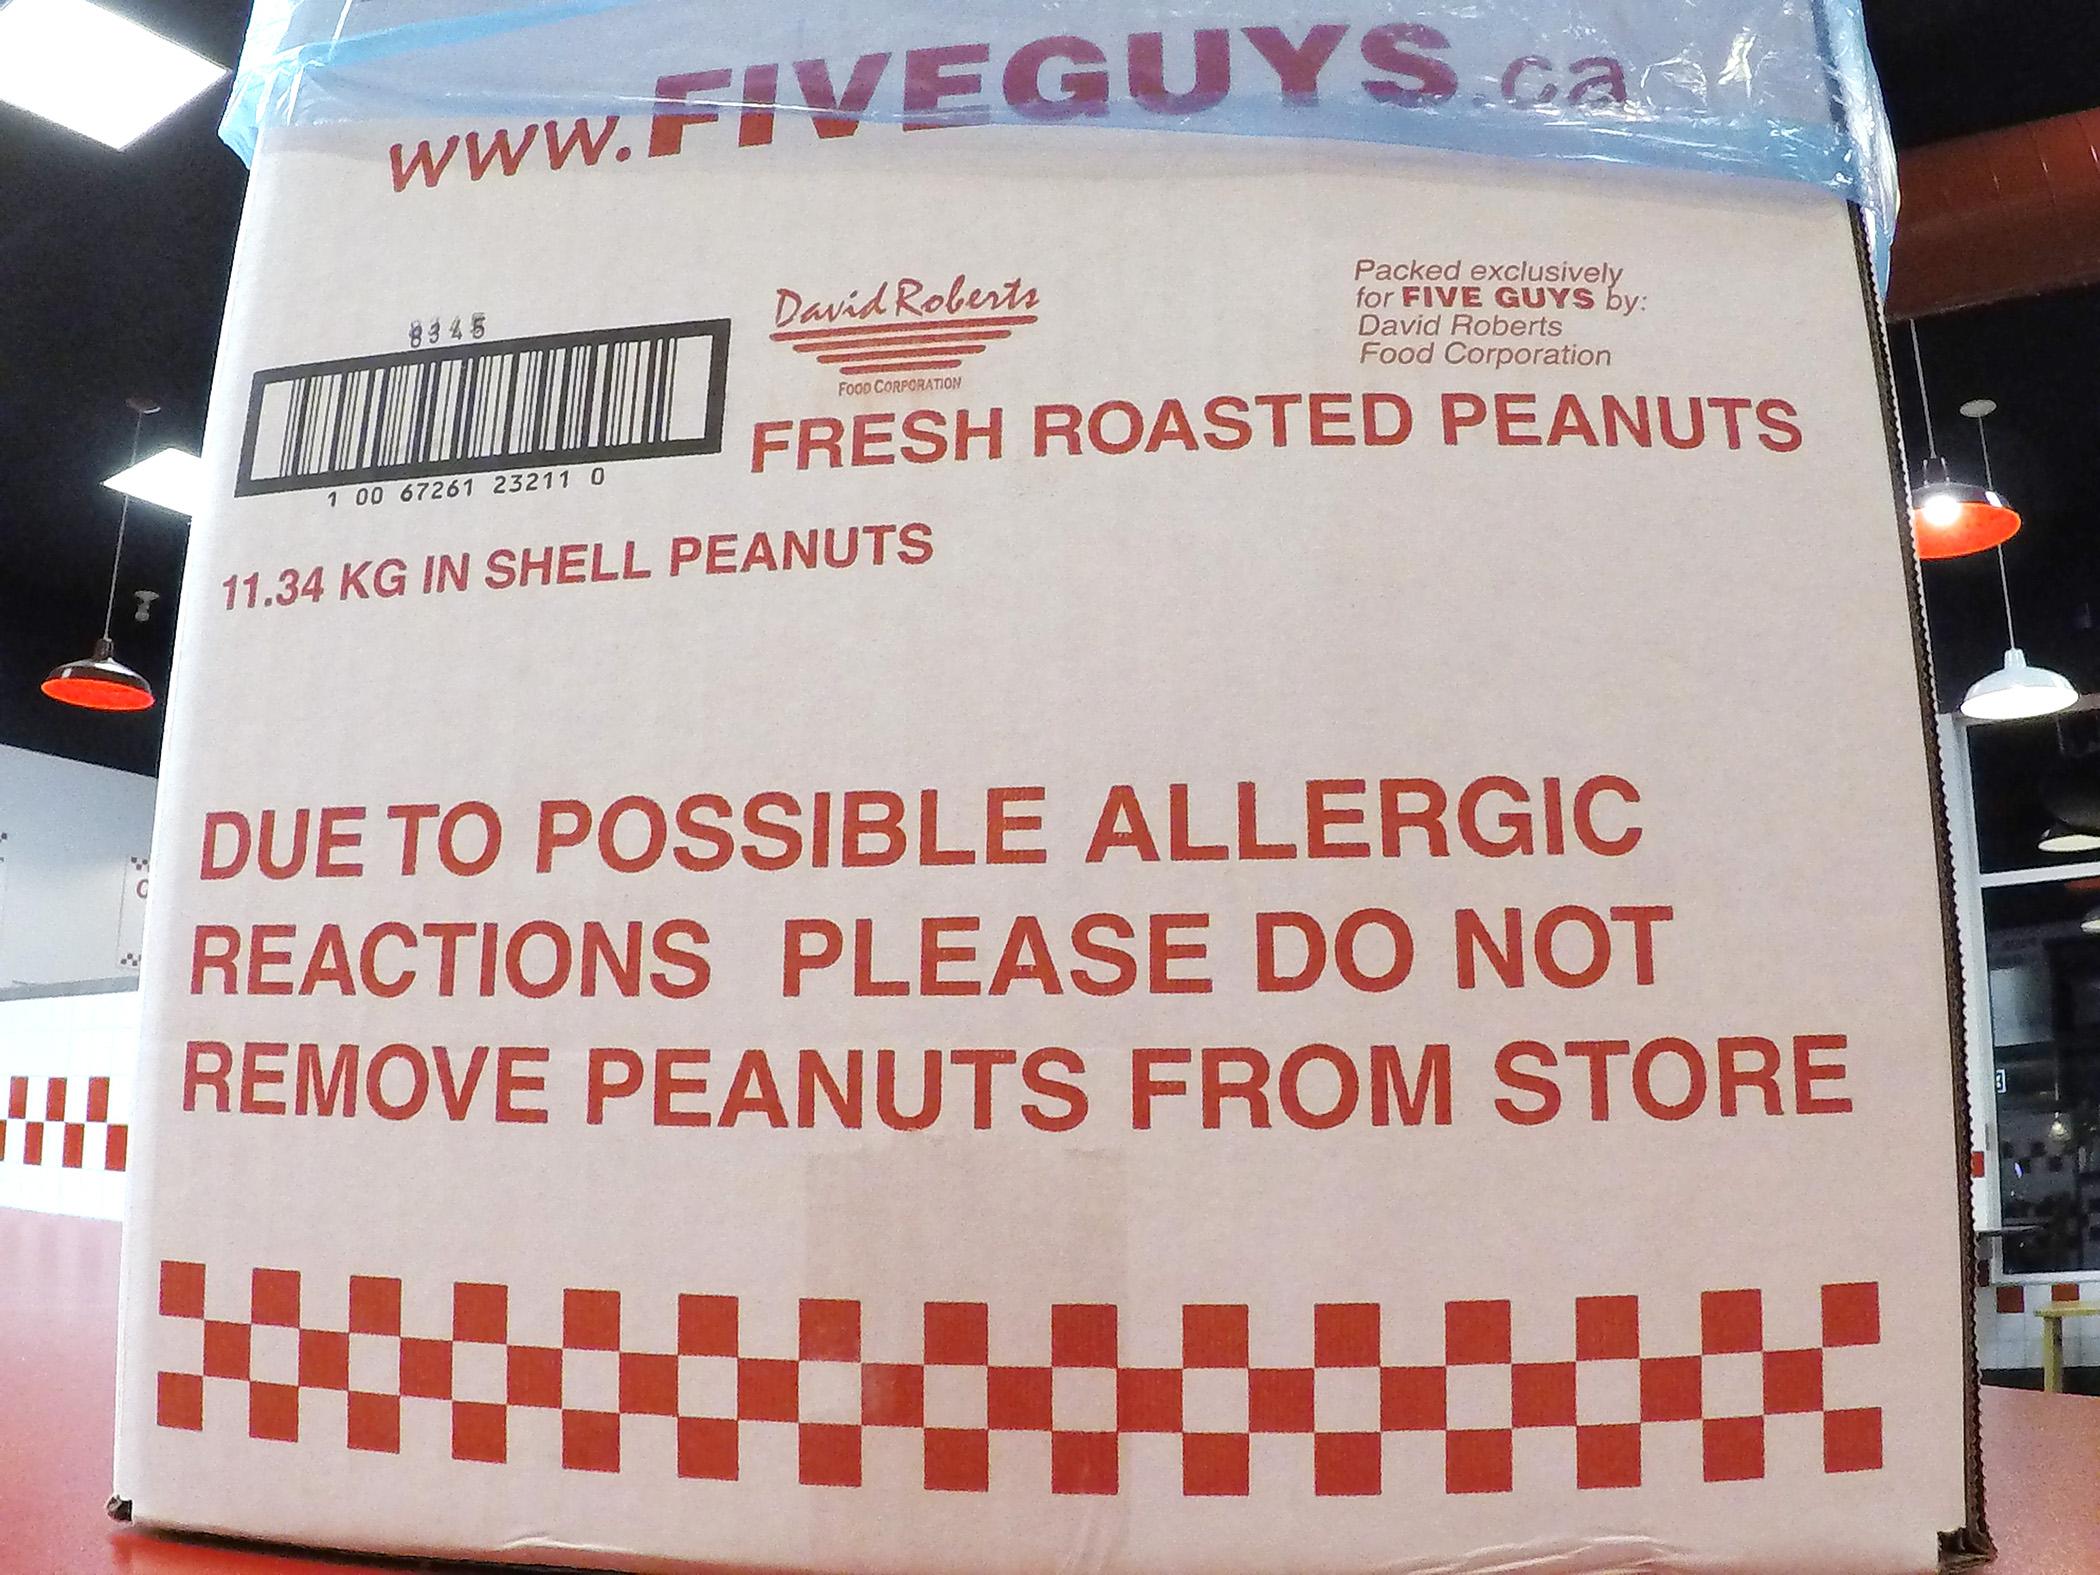 Peanuts at Five Guys